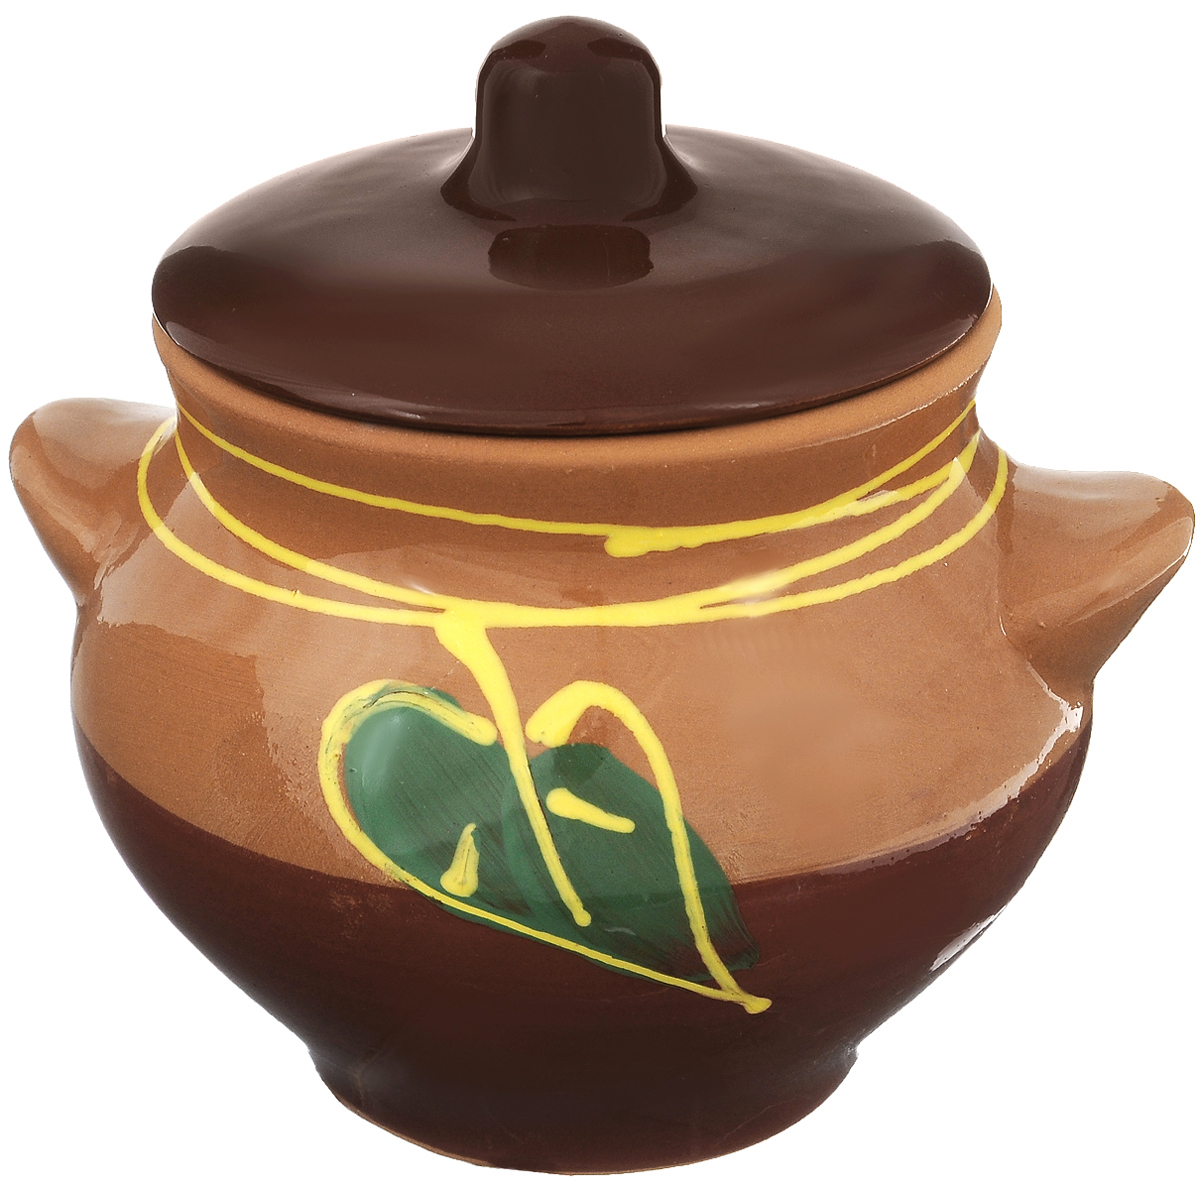 Горшочек для запекания Борисовская керамика Cтандарт, цвет: коричневый, зеленый, 550 мл1117Горшочек для запекания Борисовская керамика Cтандарт выполнен из высококачественной красной глины. Уникальные свойства красной глины и толстые стенки изделия обеспечивают эффект русской печи при приготовлении блюд. Блюда, приготовленные в таком горшочке, получаются нежными исочными. Вы сможете приготовить мясо, сделать томленые овощи и все это без капли масла. Этоодин из самых здоровых способов готовки. Диаметр горшка (по верхнему краю): 10 см.Высота стенок: 11 см.